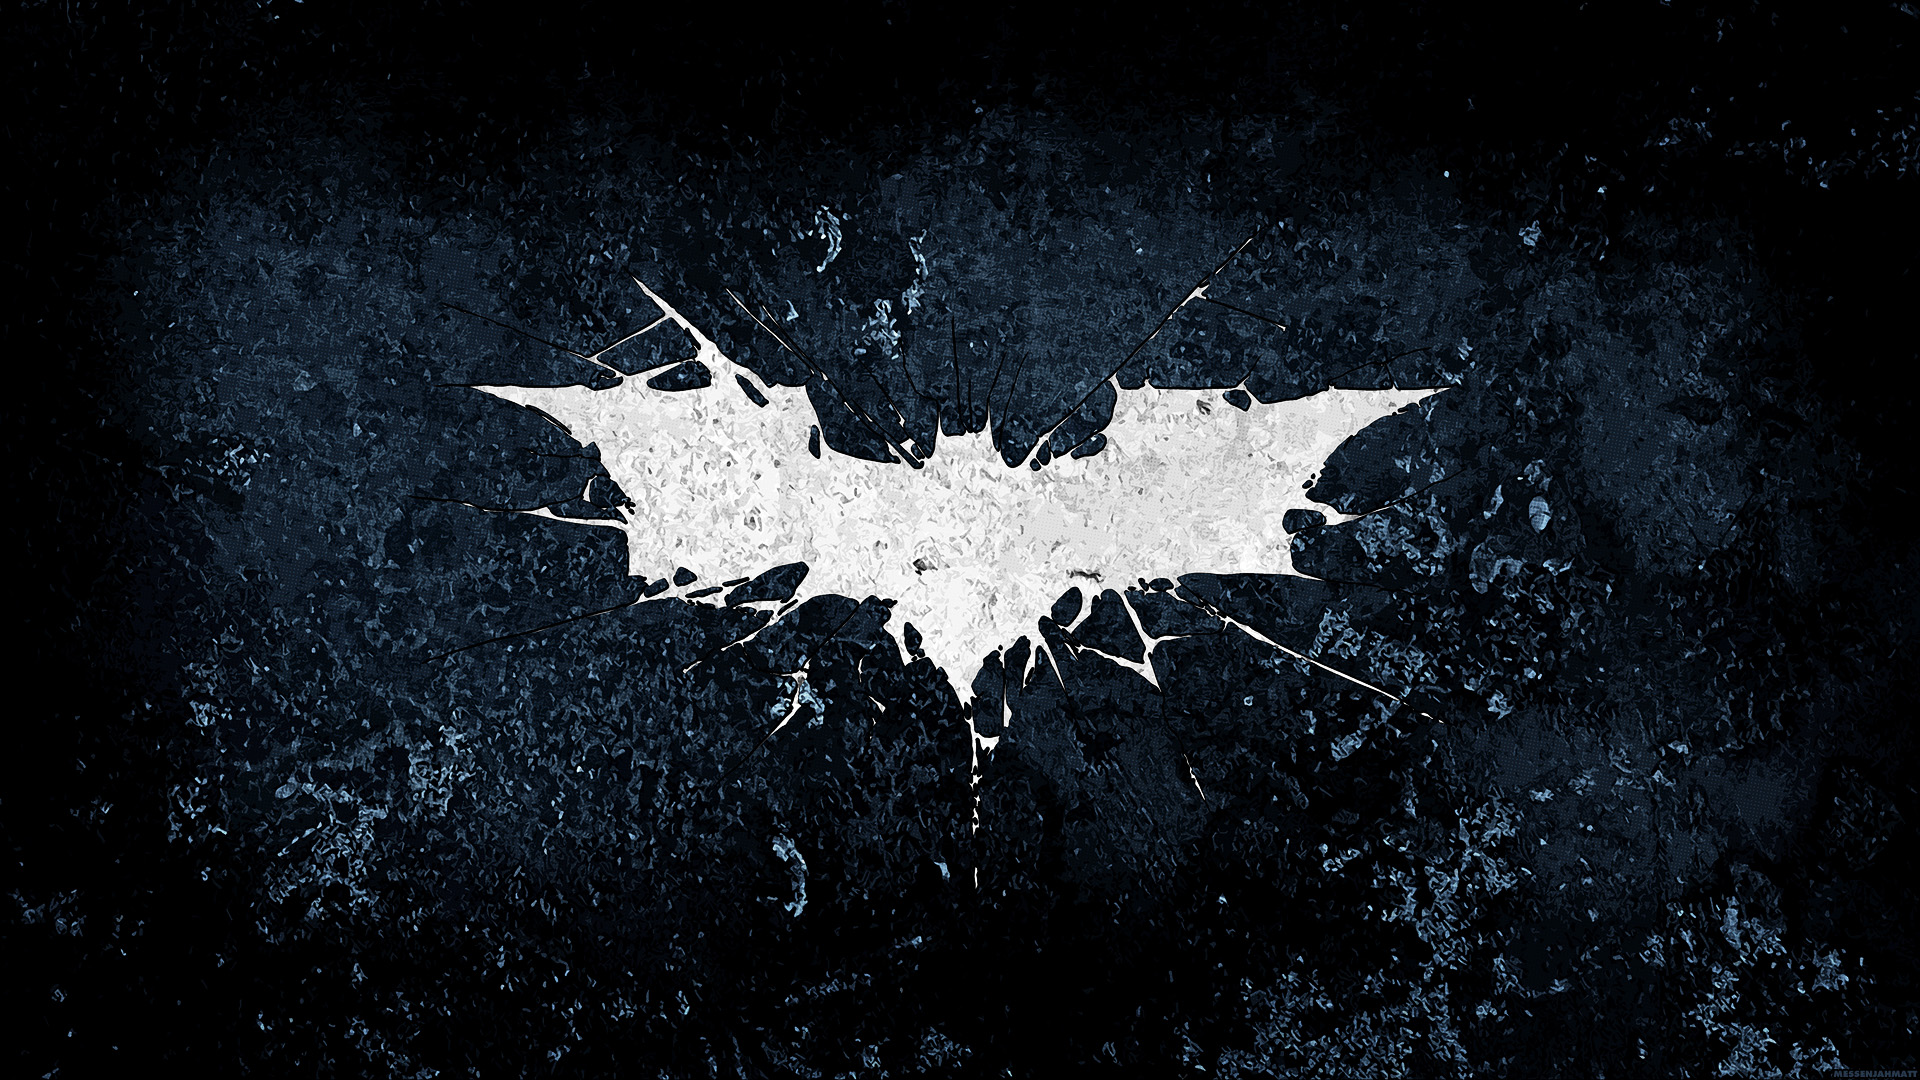 Batman wallpaper 159656 1920x1080